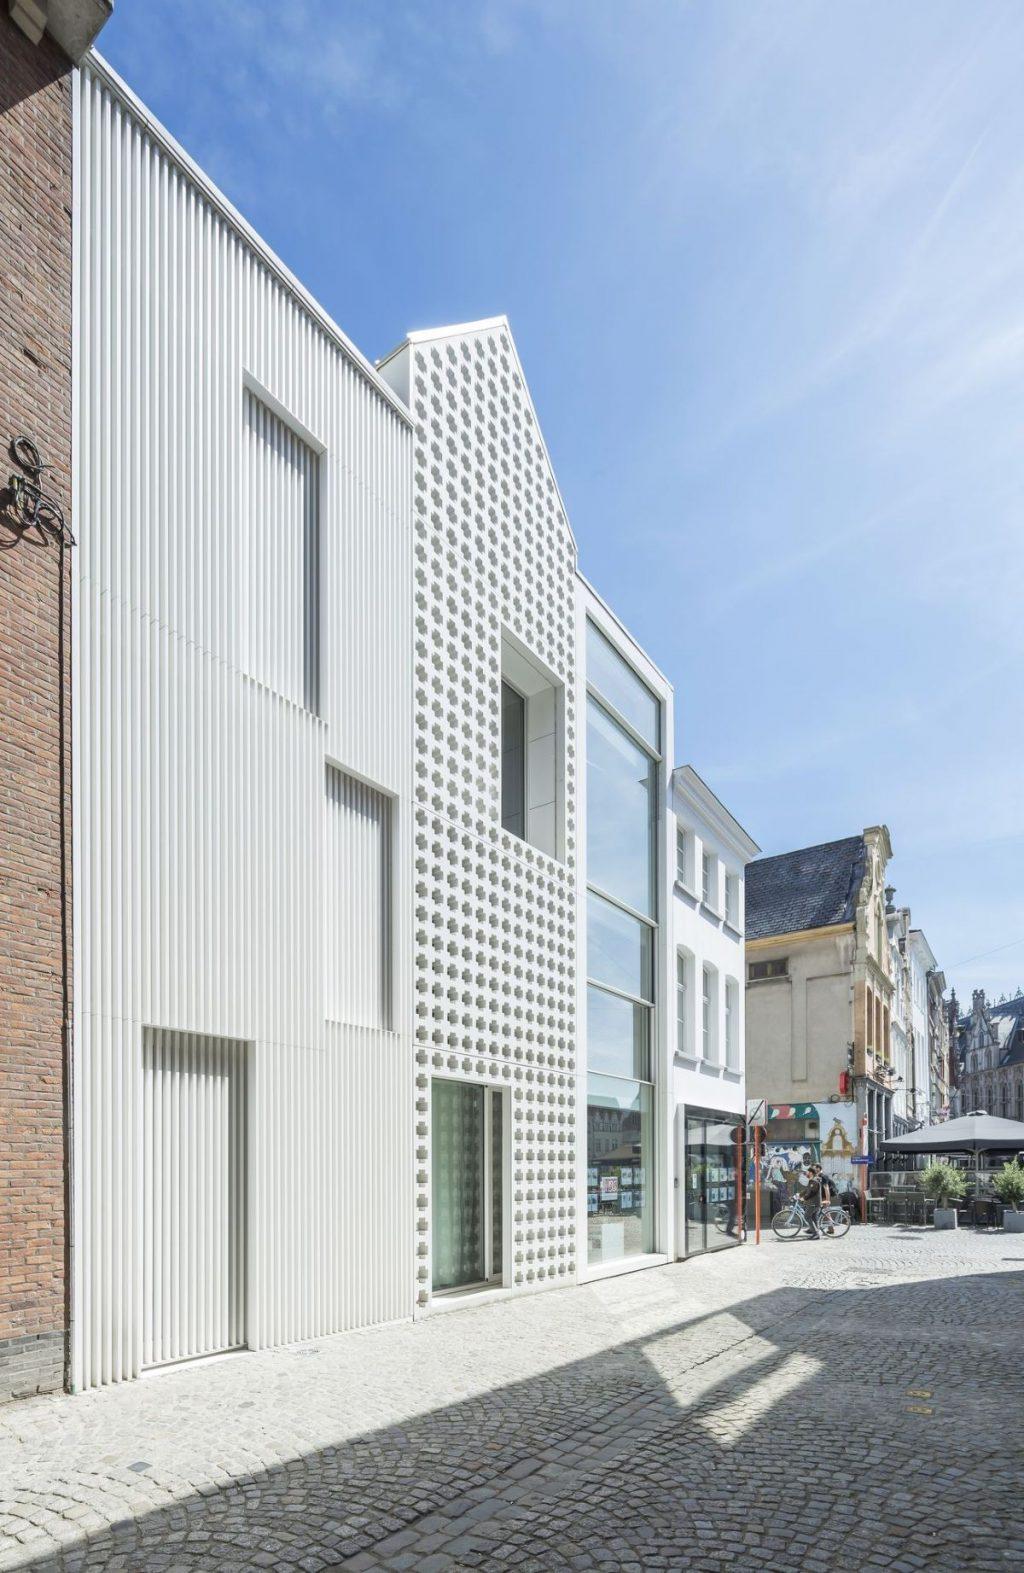 ロレーネン dmvA Architecten の家